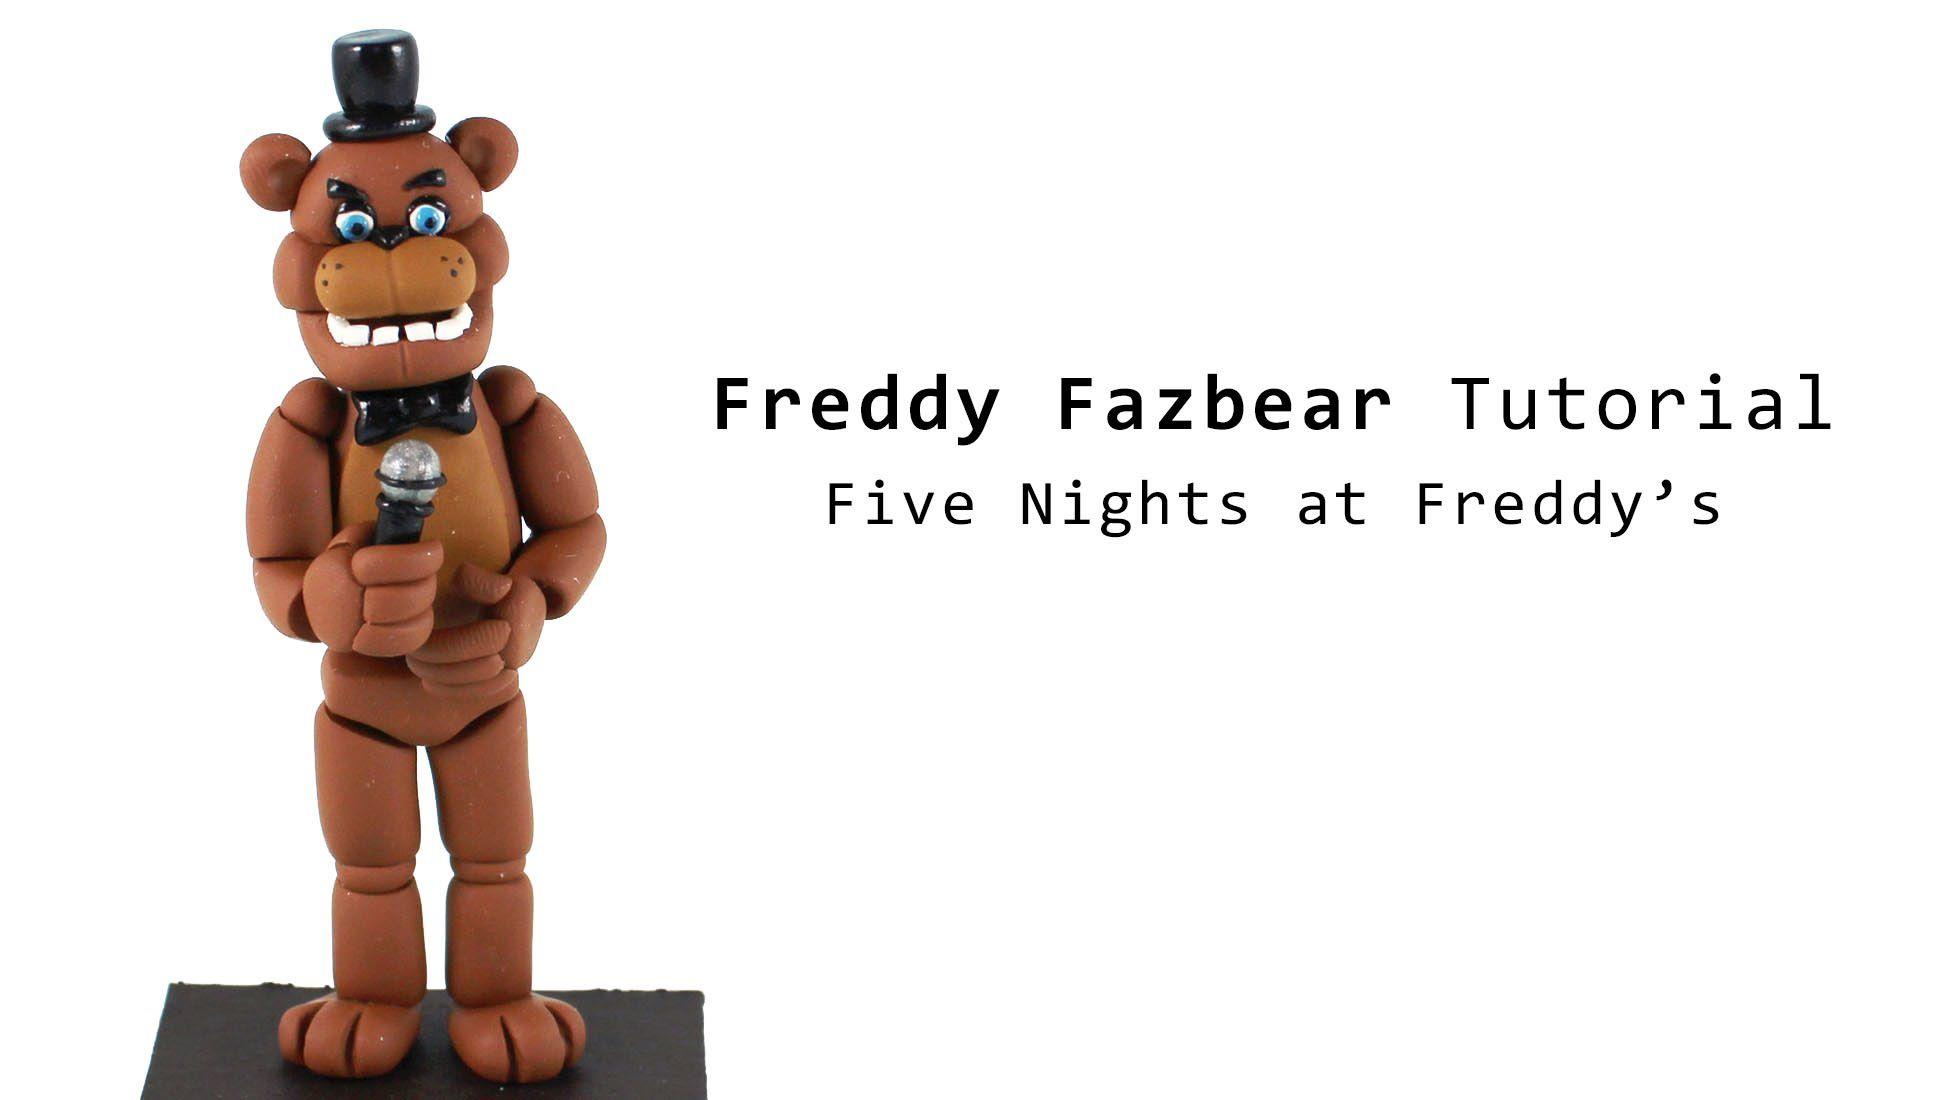 2017 05 freddy fazbear costume amazon - Freddy Fazbear From Five Nights At Freddy S Polymer Clay Tutorial